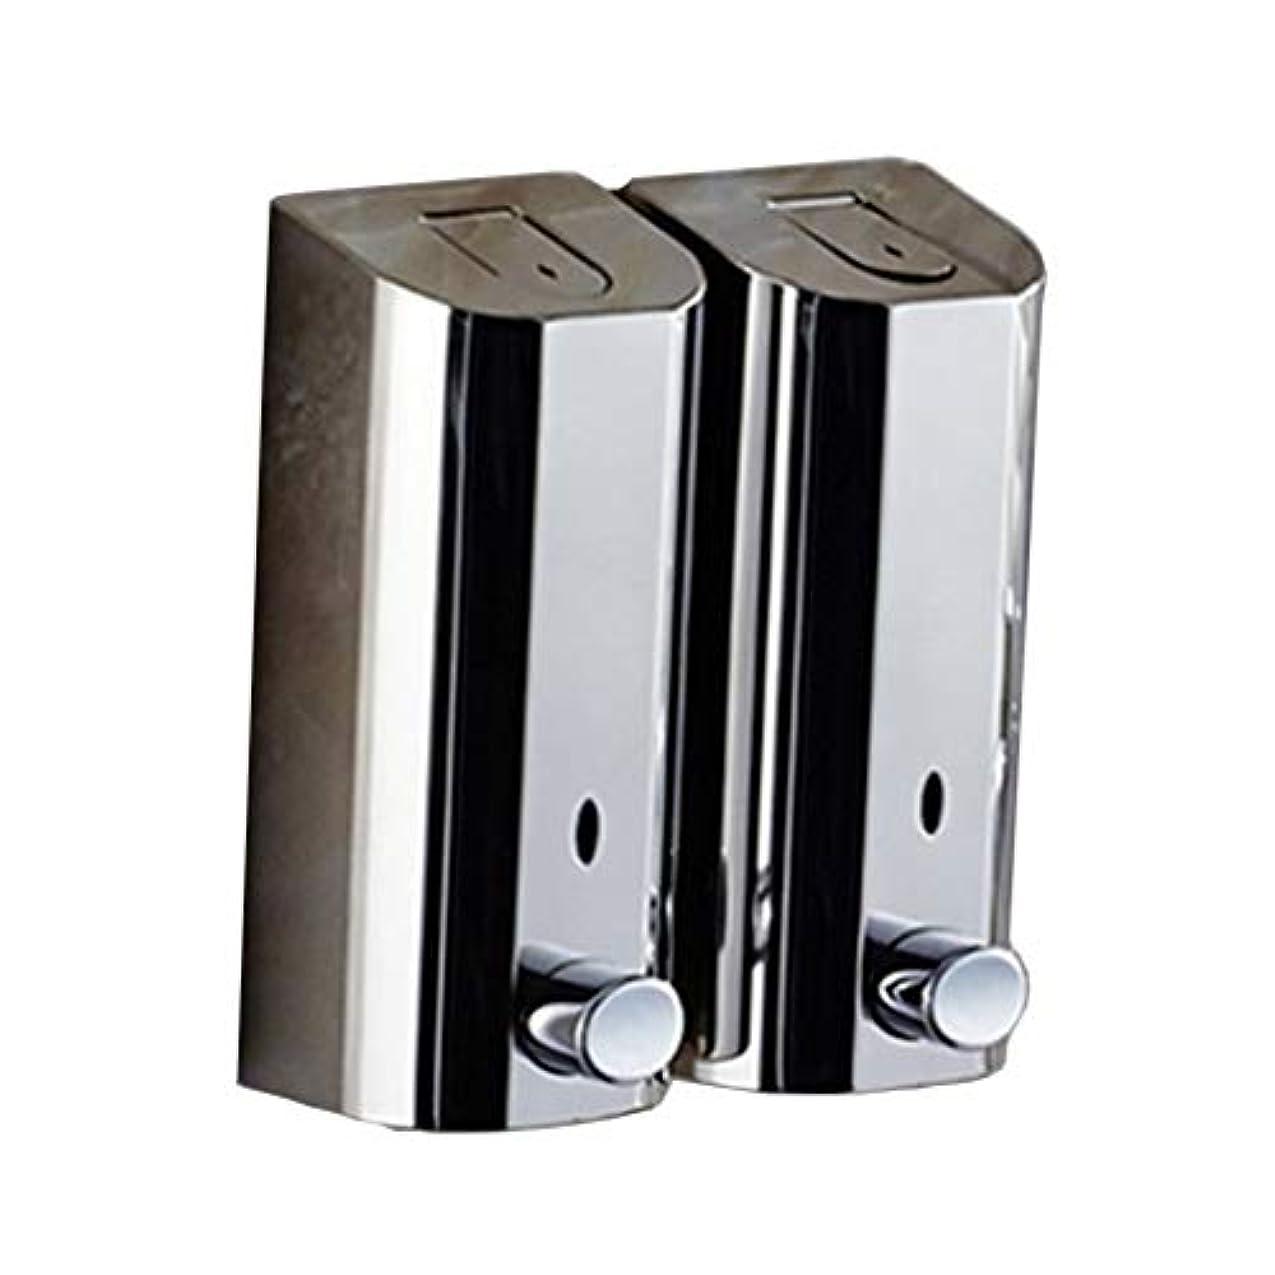 より平らなブレーク対処するKylinssh ダブルソープディスペンサー、500ミリリットル* 2自動液体ディスペンサー、防水、漏れ防止、子供のためのタッチレスソープディスペンサー、キッチン、バスルーム